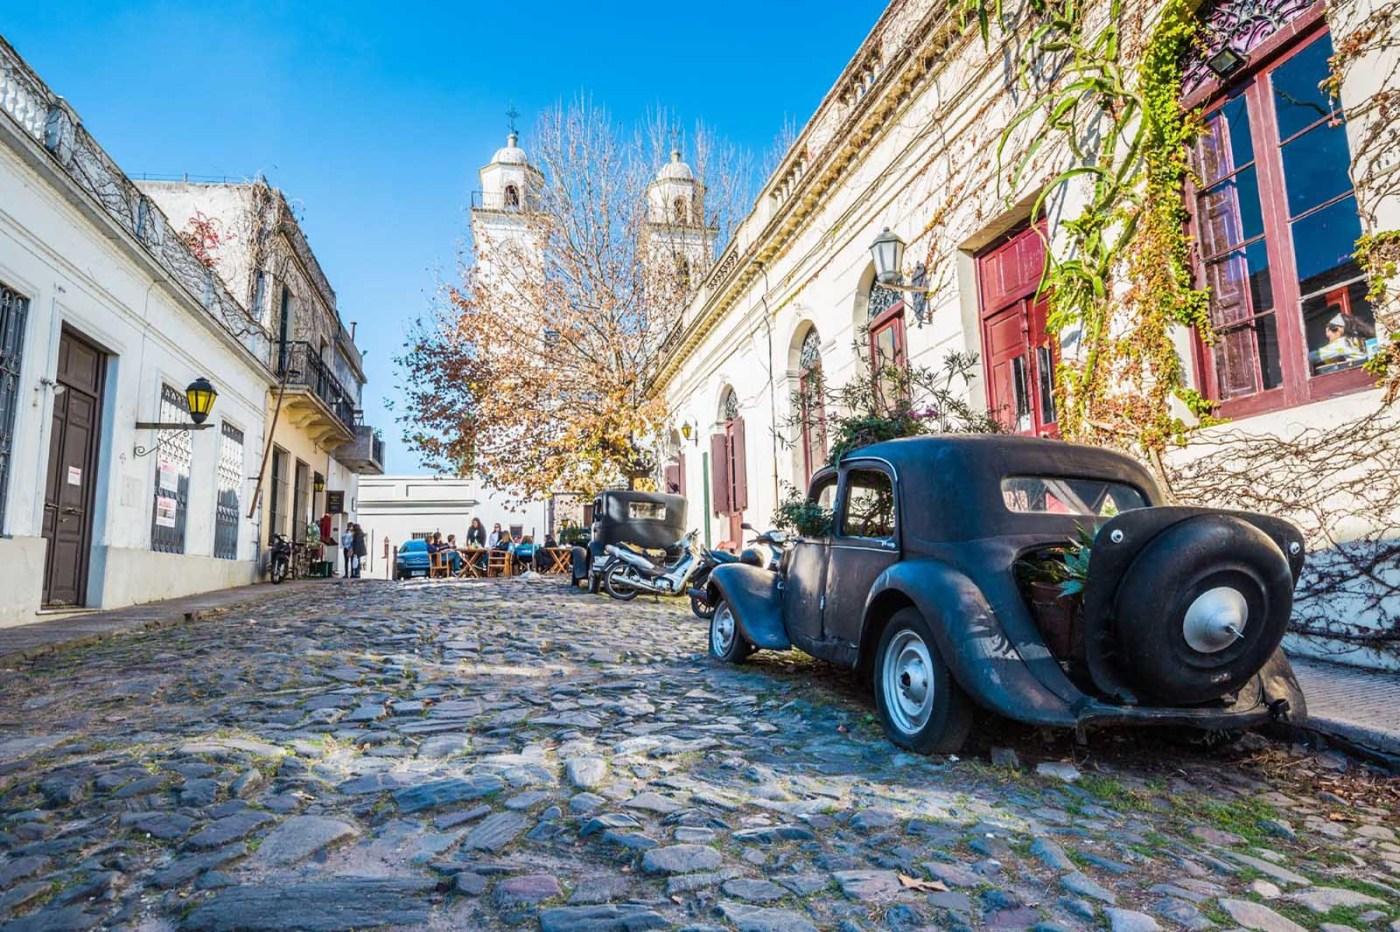 Dicas de turismo em Colonia del Sacramento, no Uruguai